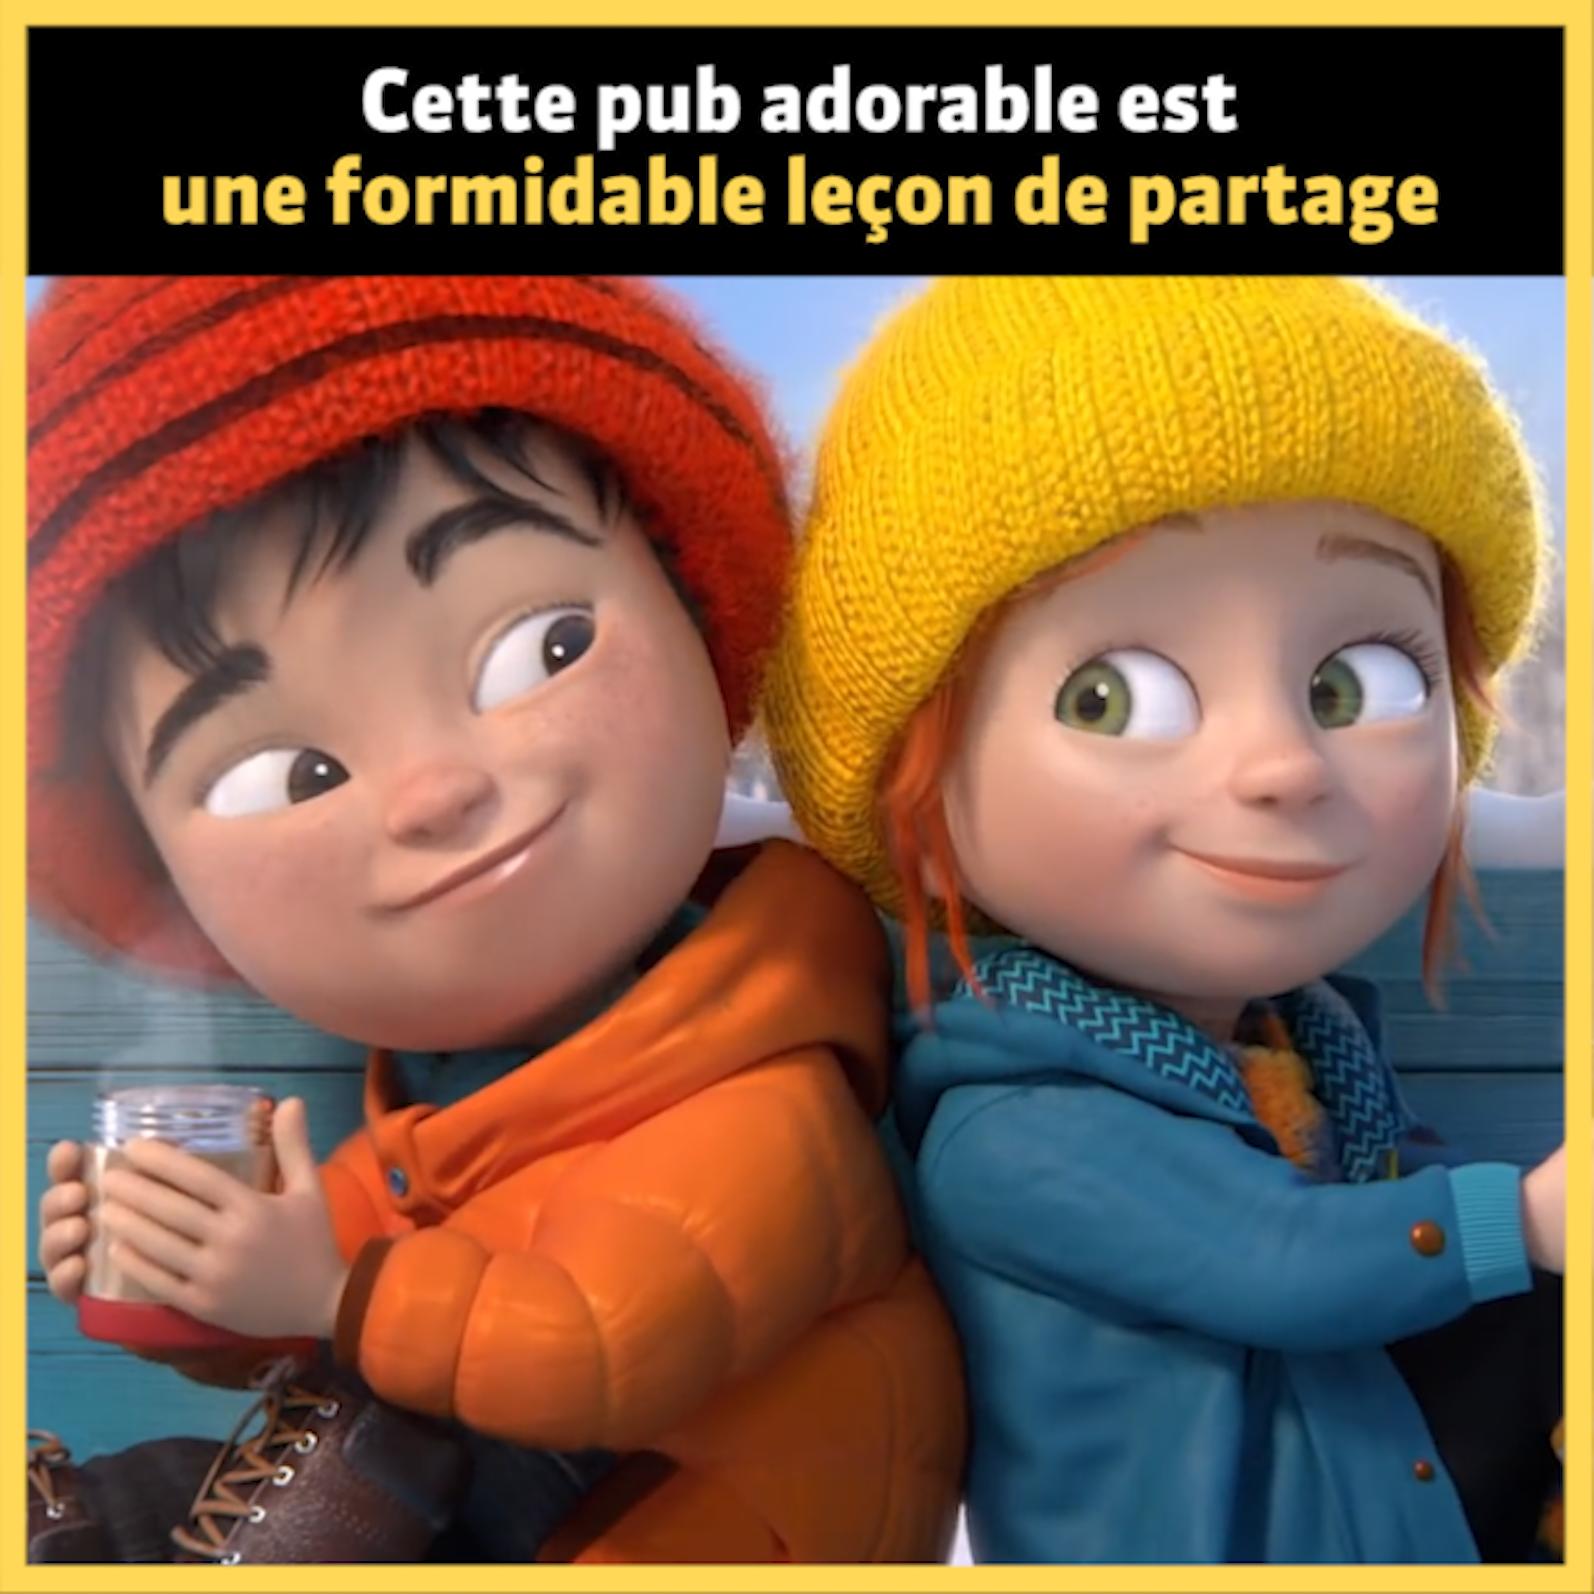 Cette adorable petite publicité canadienne est une formidable leçon de partage